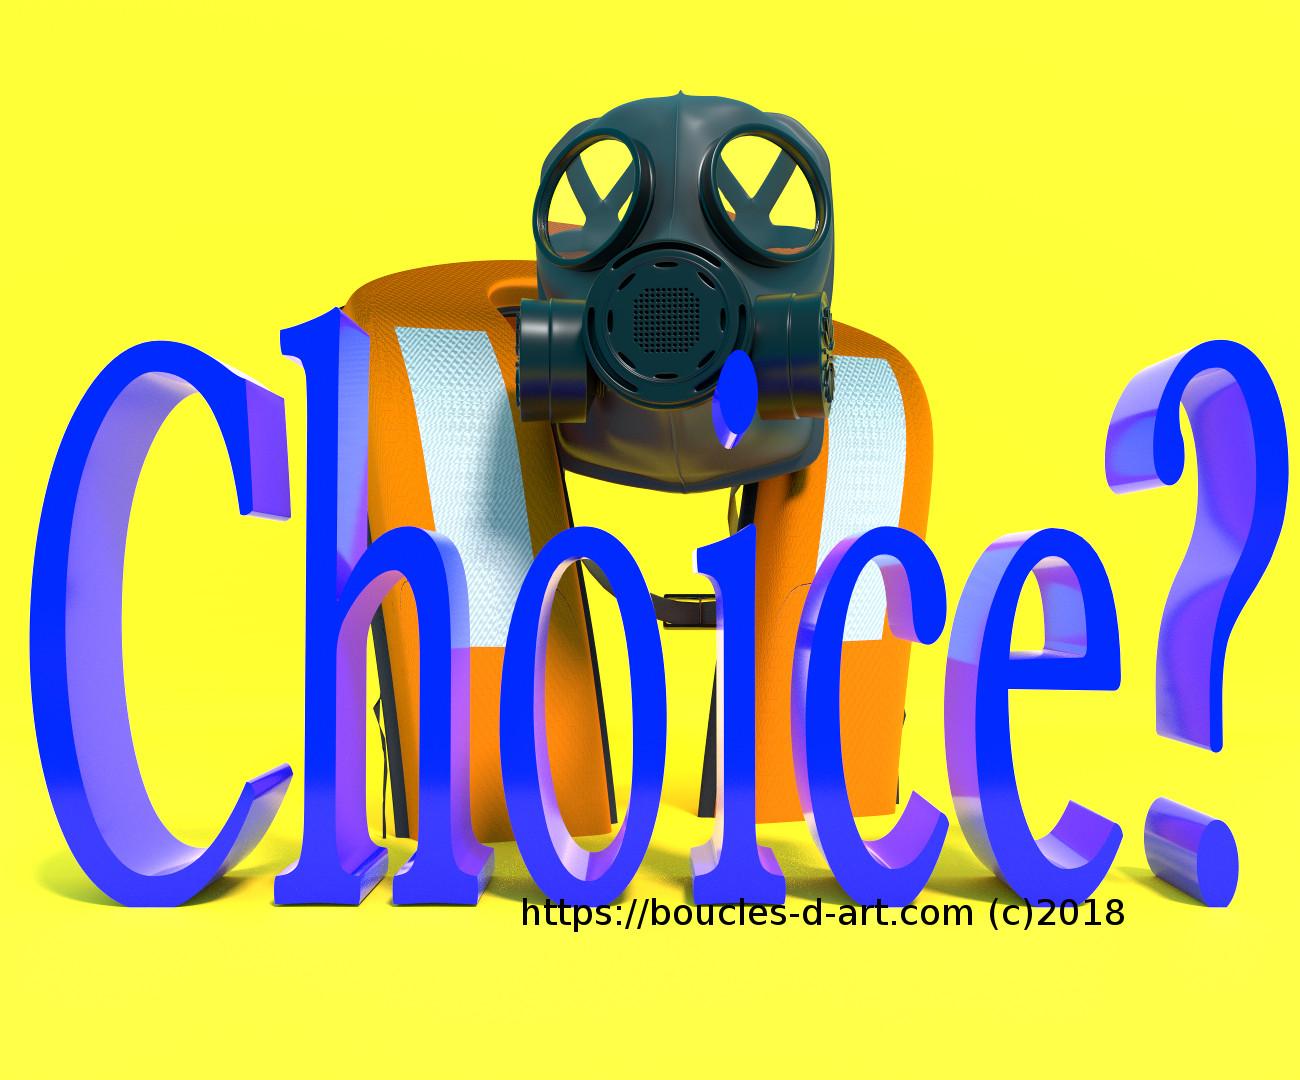 gilet de sauvetage associé à un masque à gaz pour dénoncer l'absence d'alternative des réfugiés de guerre qui risquent d'être gazés ou noyés